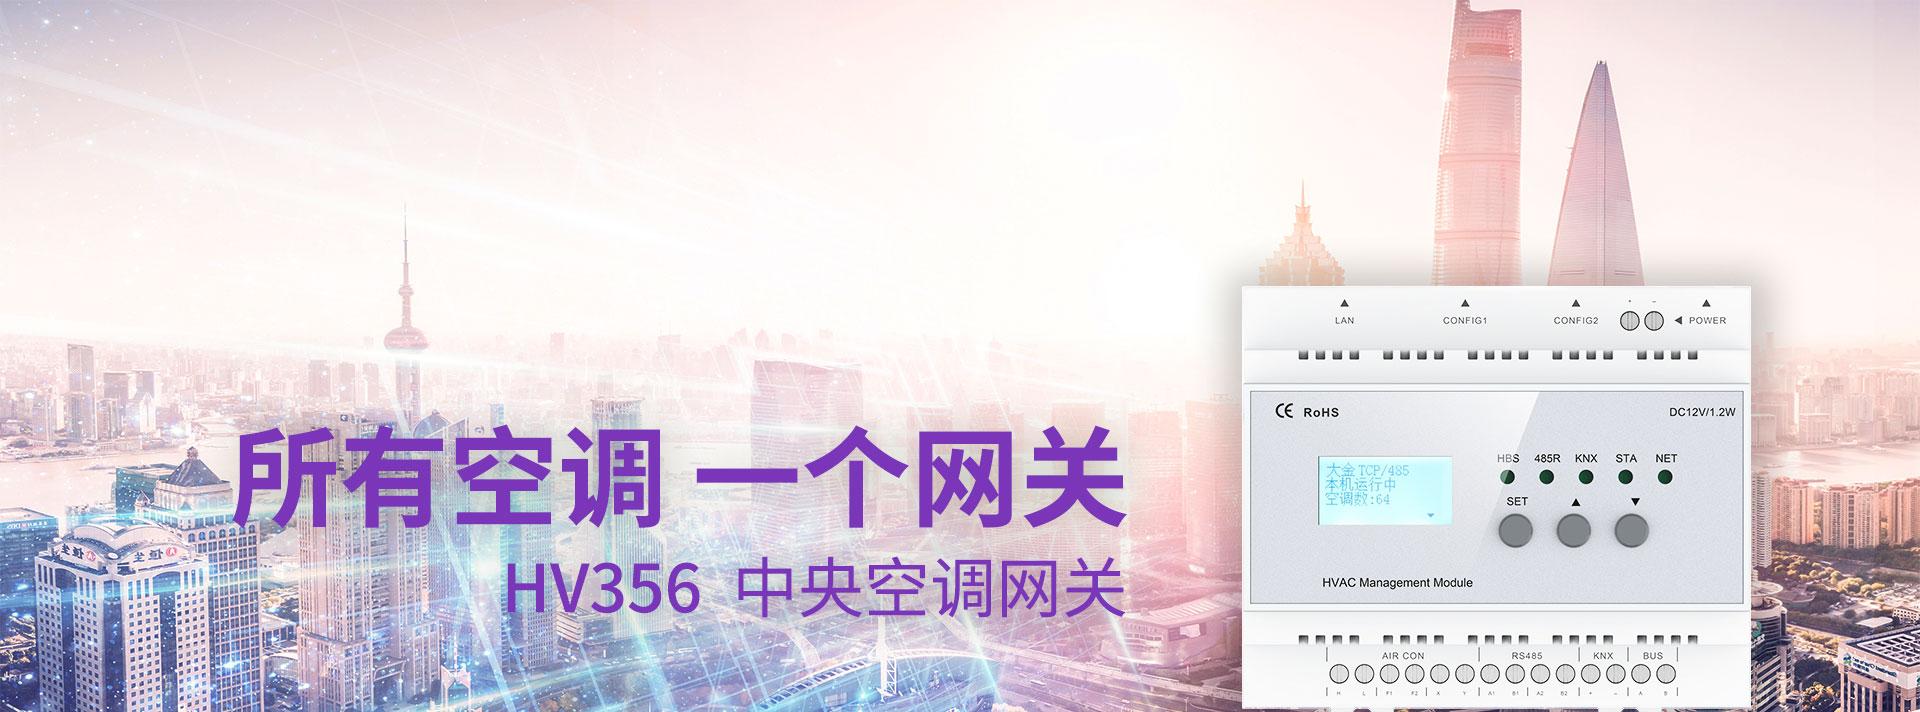 中央空调网关-HV356